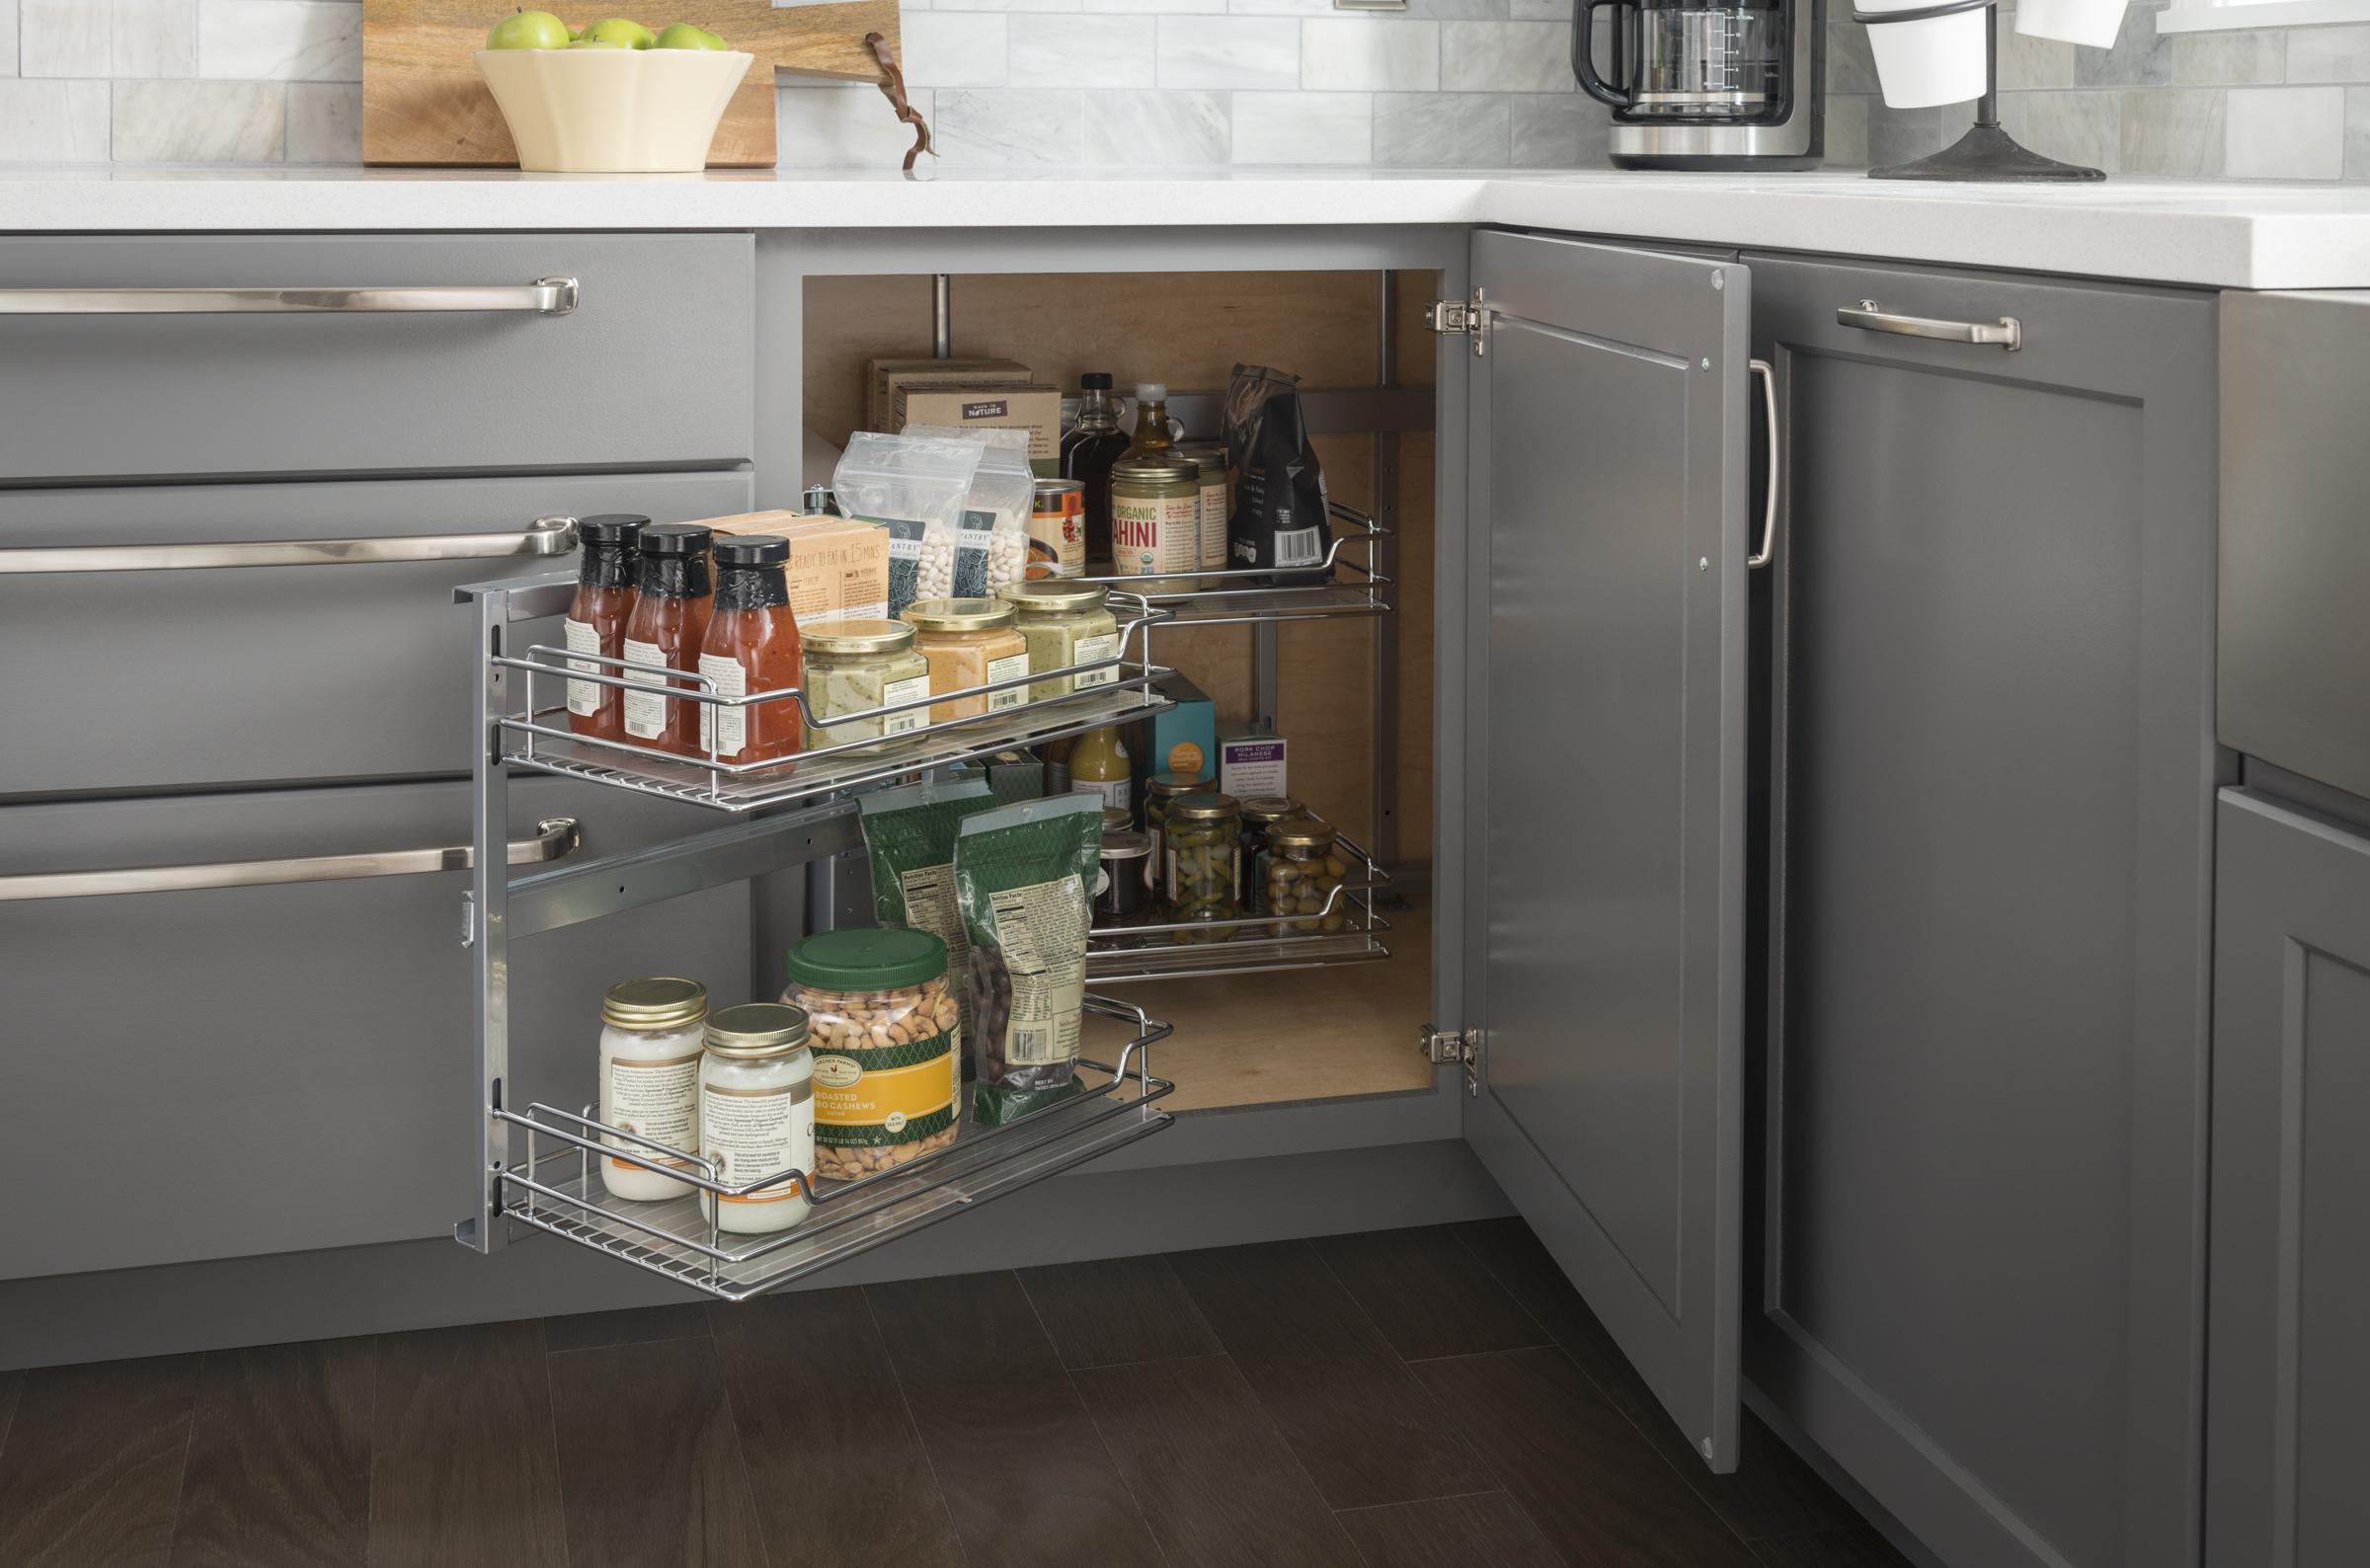 Hardware Resources Optimizes Corner Storage With New Sliding Door Corner Organizer Kbis